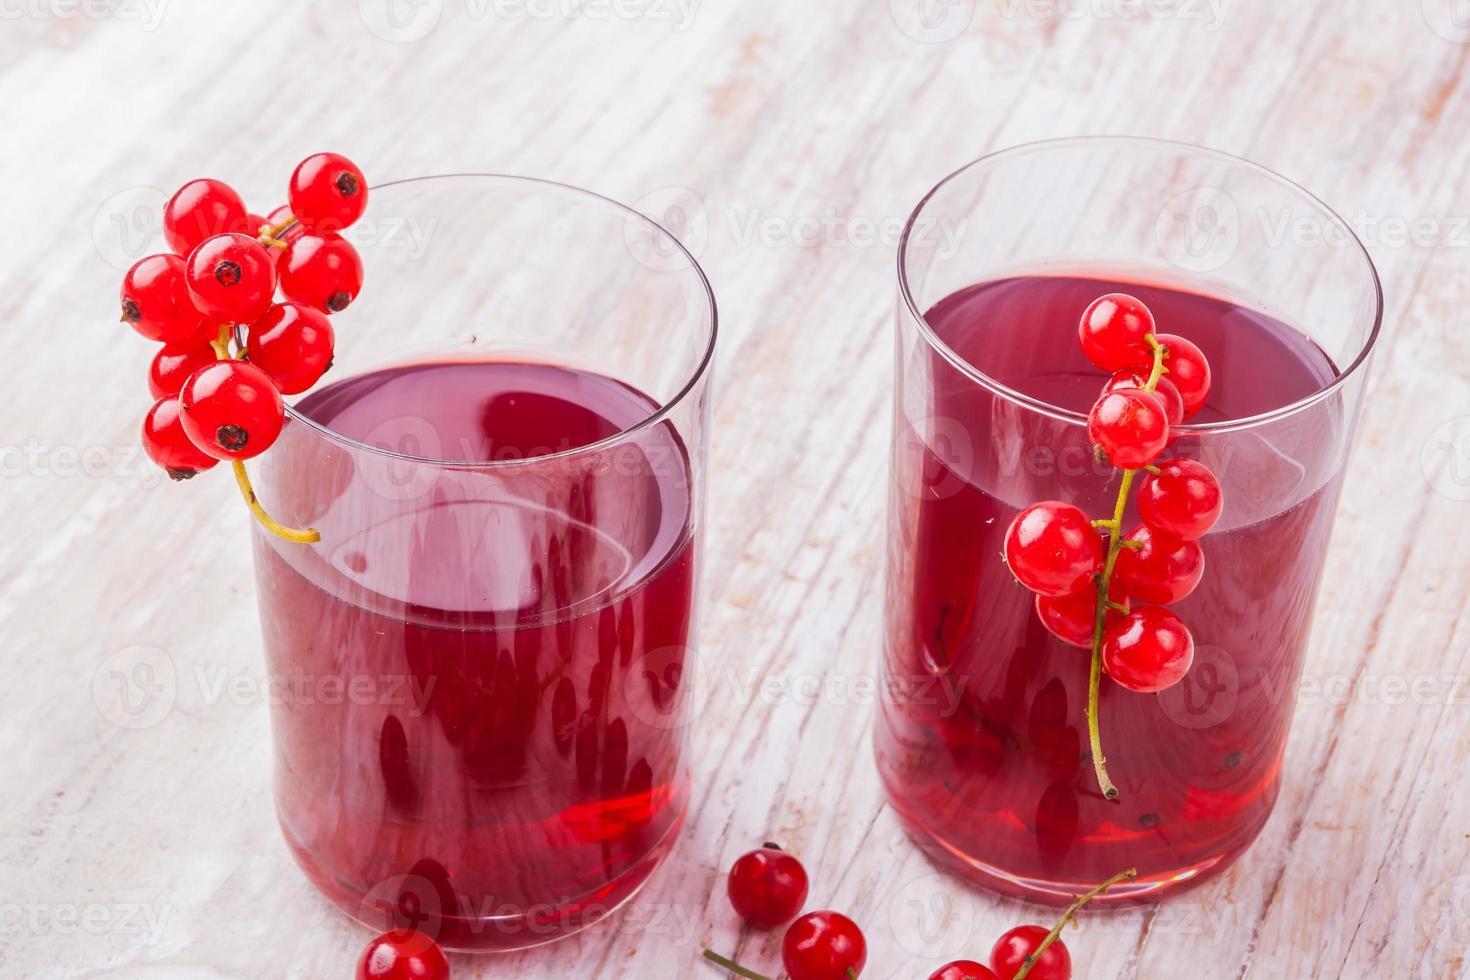 Getränk mit roten Johannisbeeren in Glassen foto